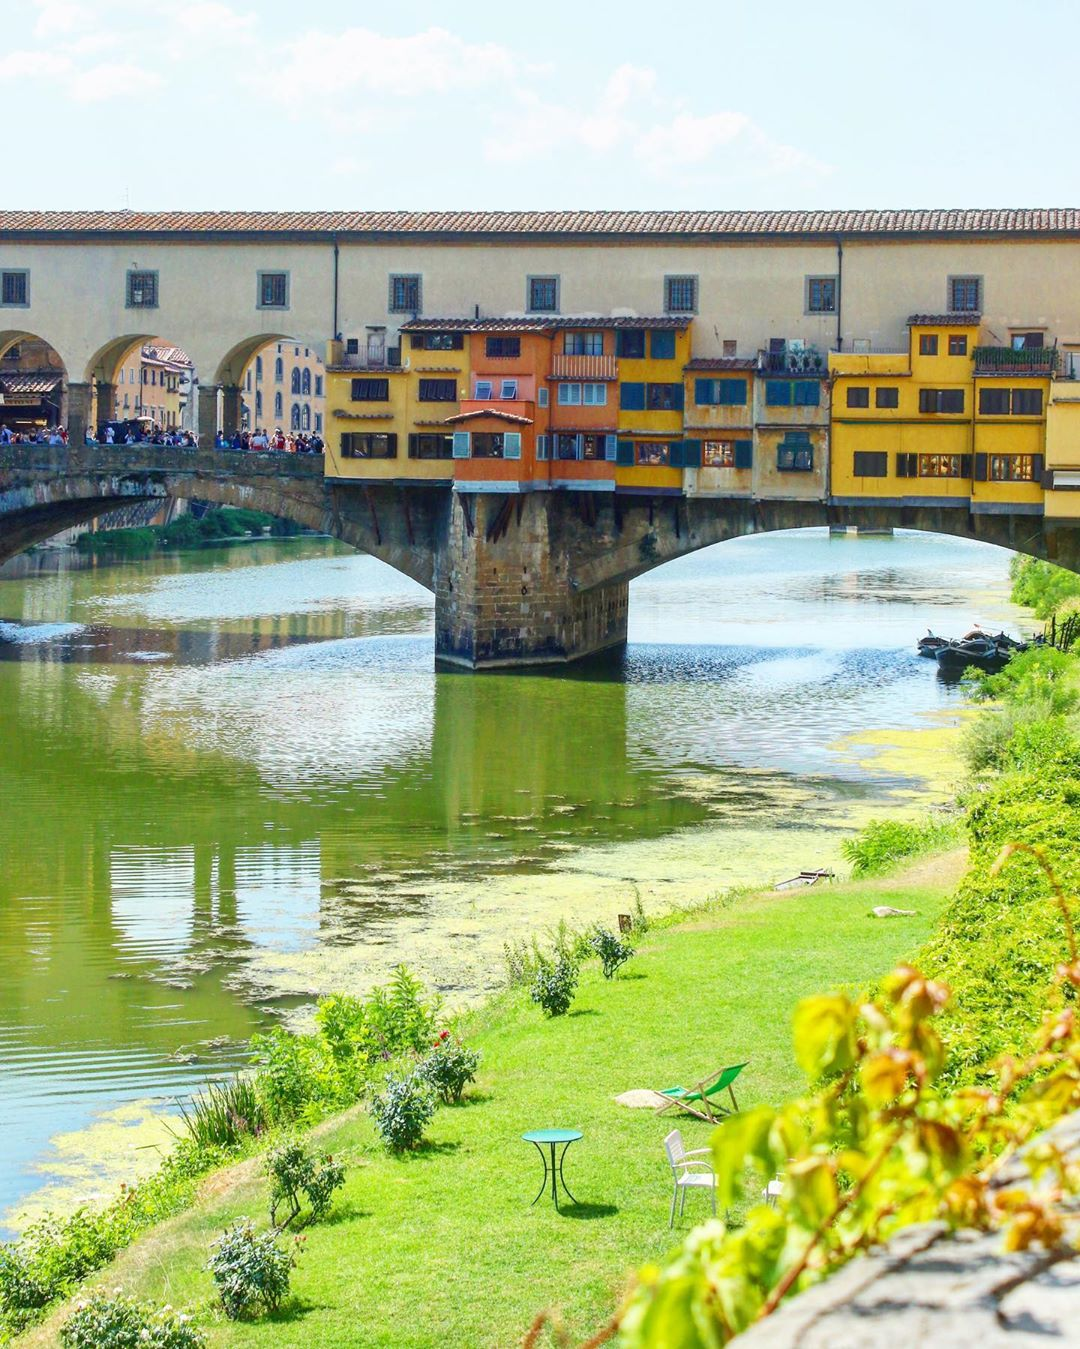 Arte 🎨 Y Arquitectura 🏘: Florencia Es Travelpic - Travel